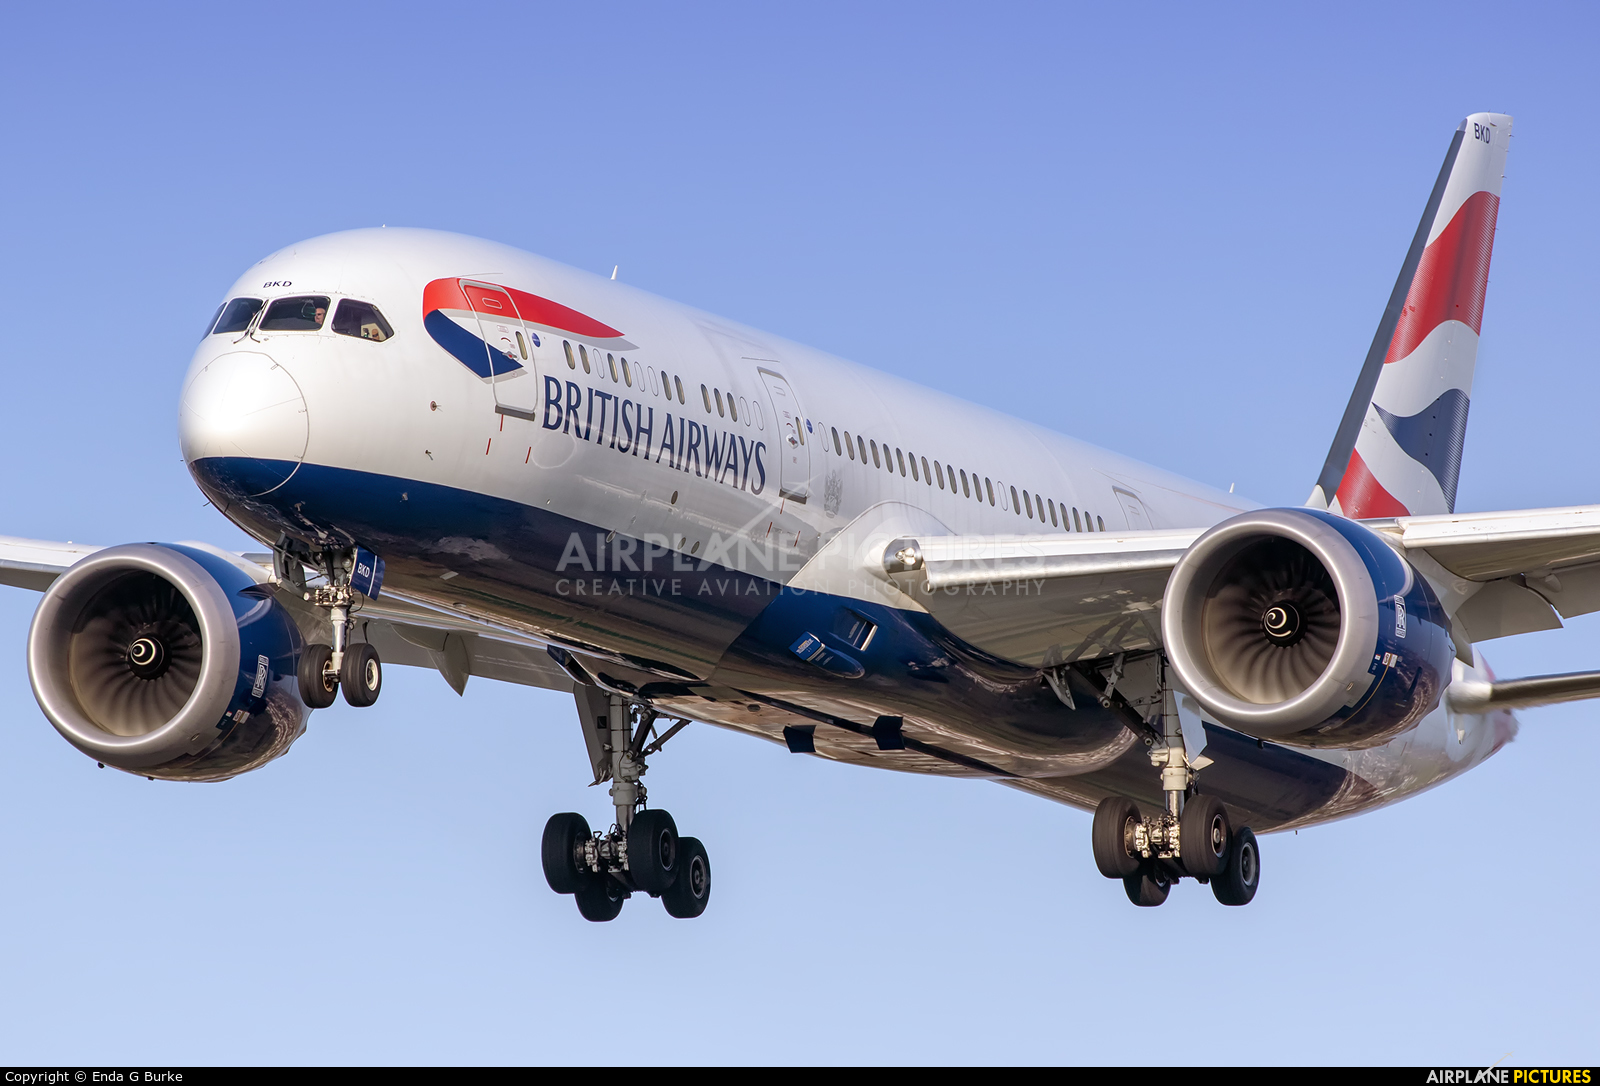 British Airways G-ZBKD aircraft at London - Heathrow